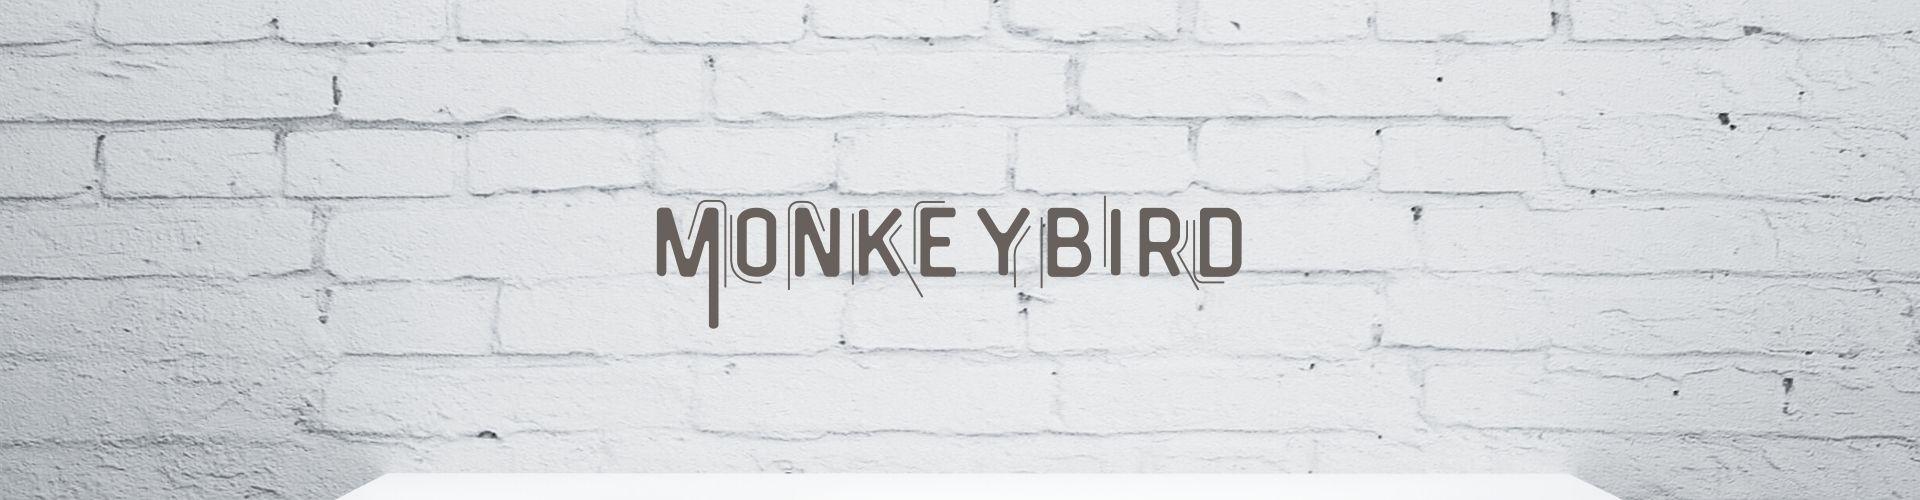 Monkeybird : 2 artistes du courant artistique Art Urbain